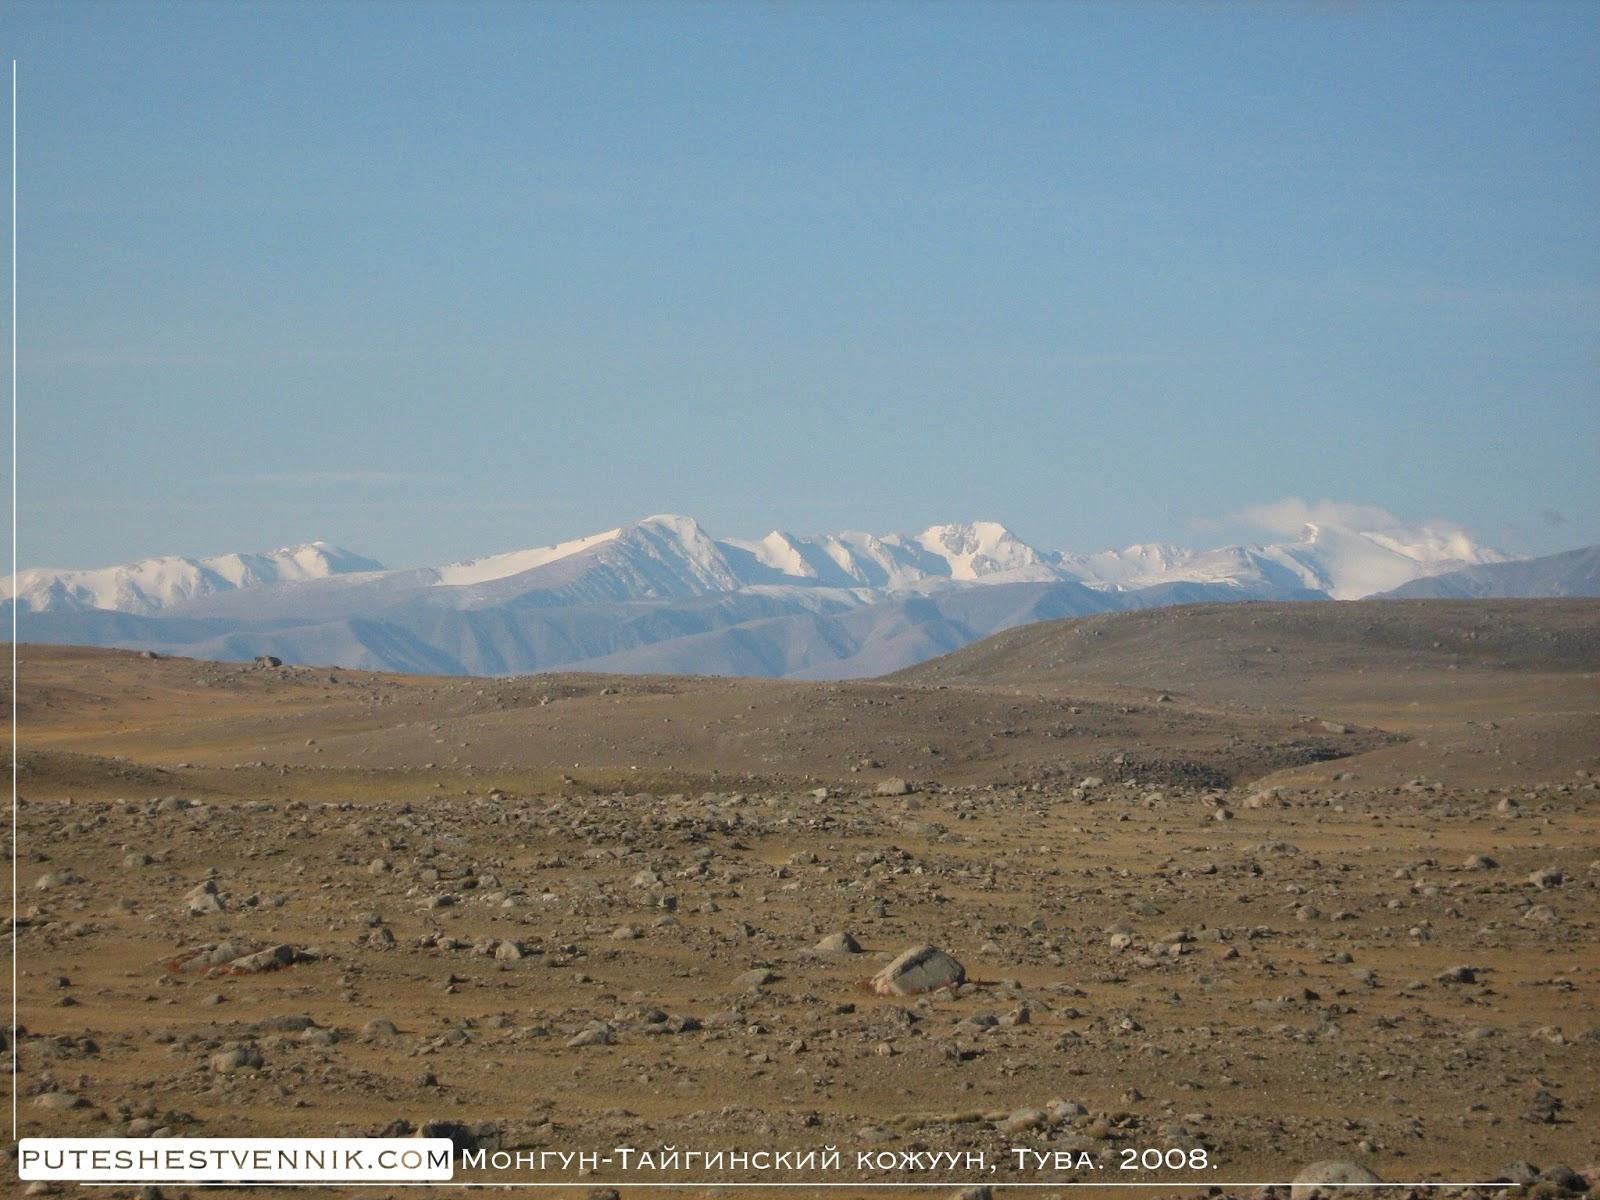 Снежные вершины и степь с камнями